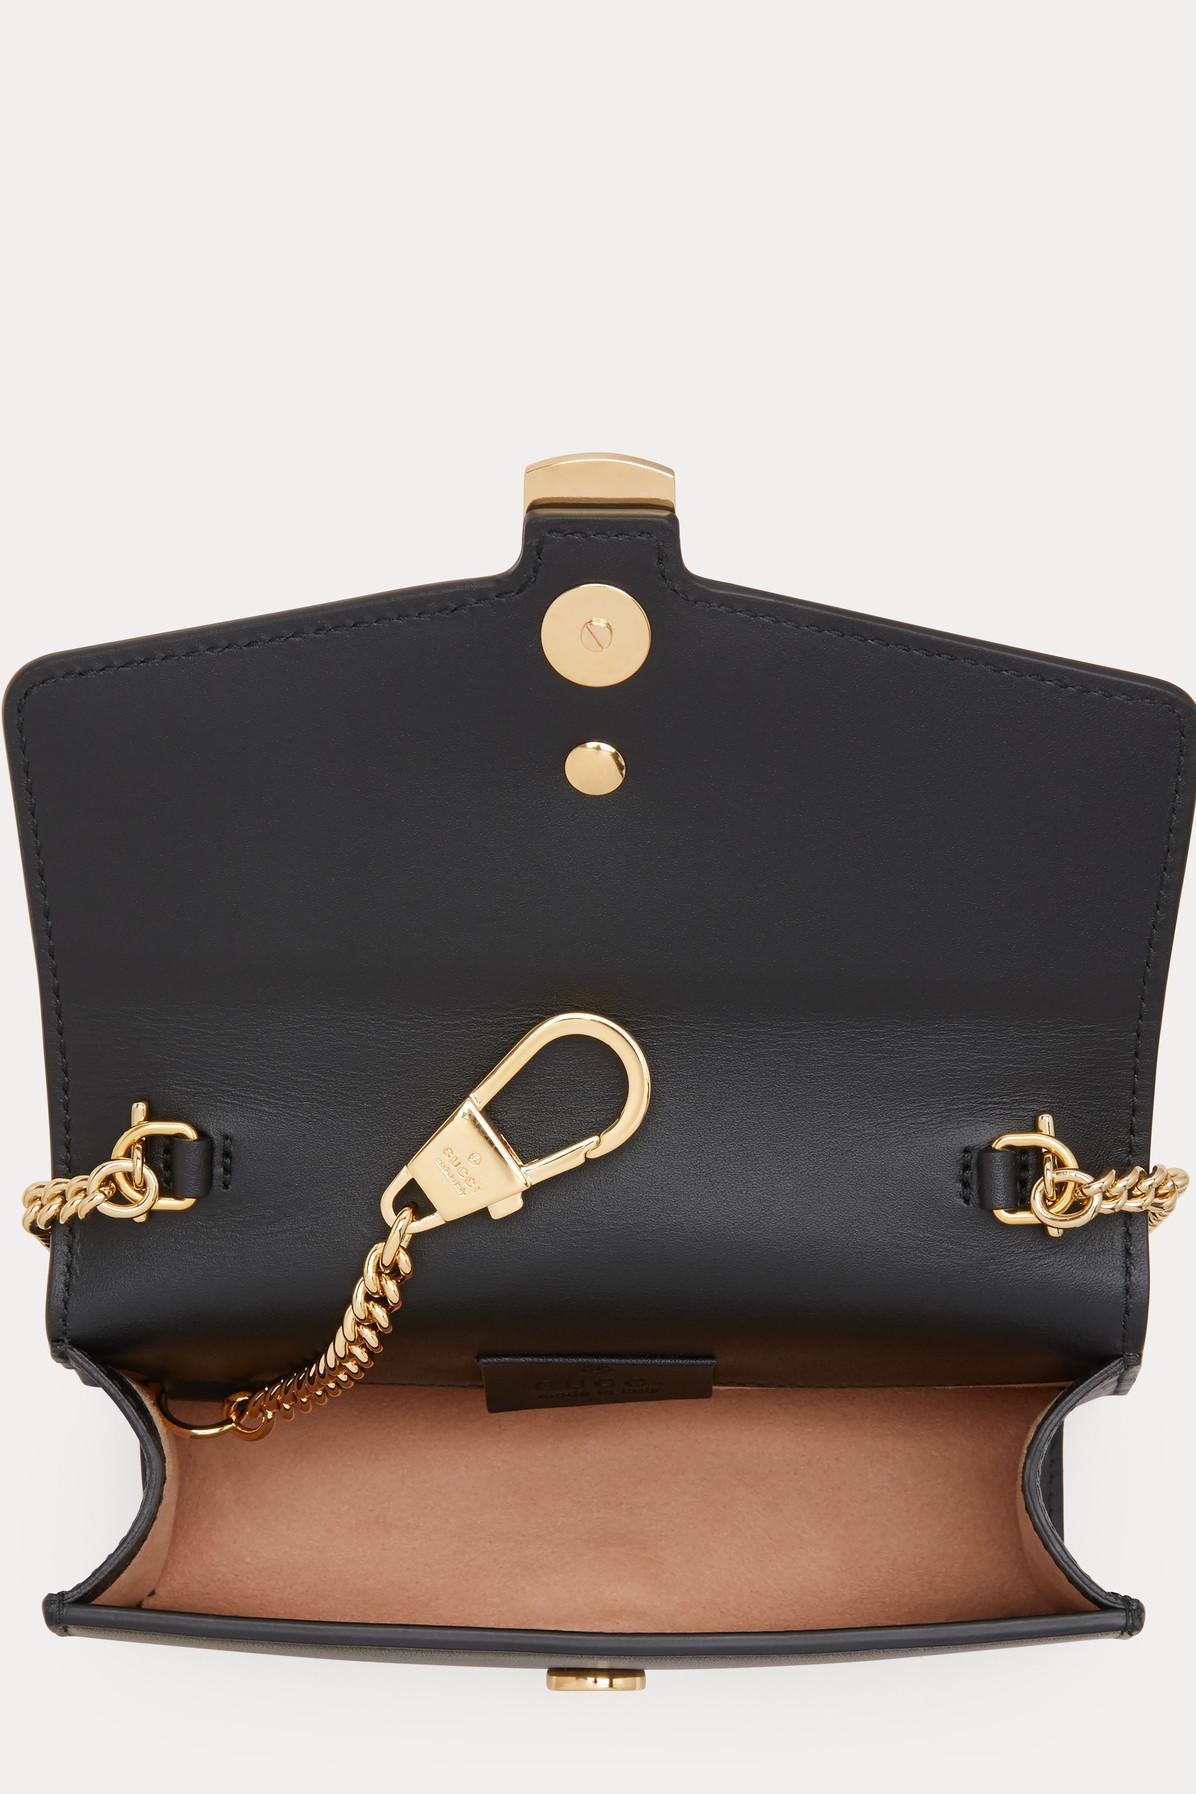 82ba66e7b11 Gucci Sylvie Leather Mini Chain Bag in Black - Lyst